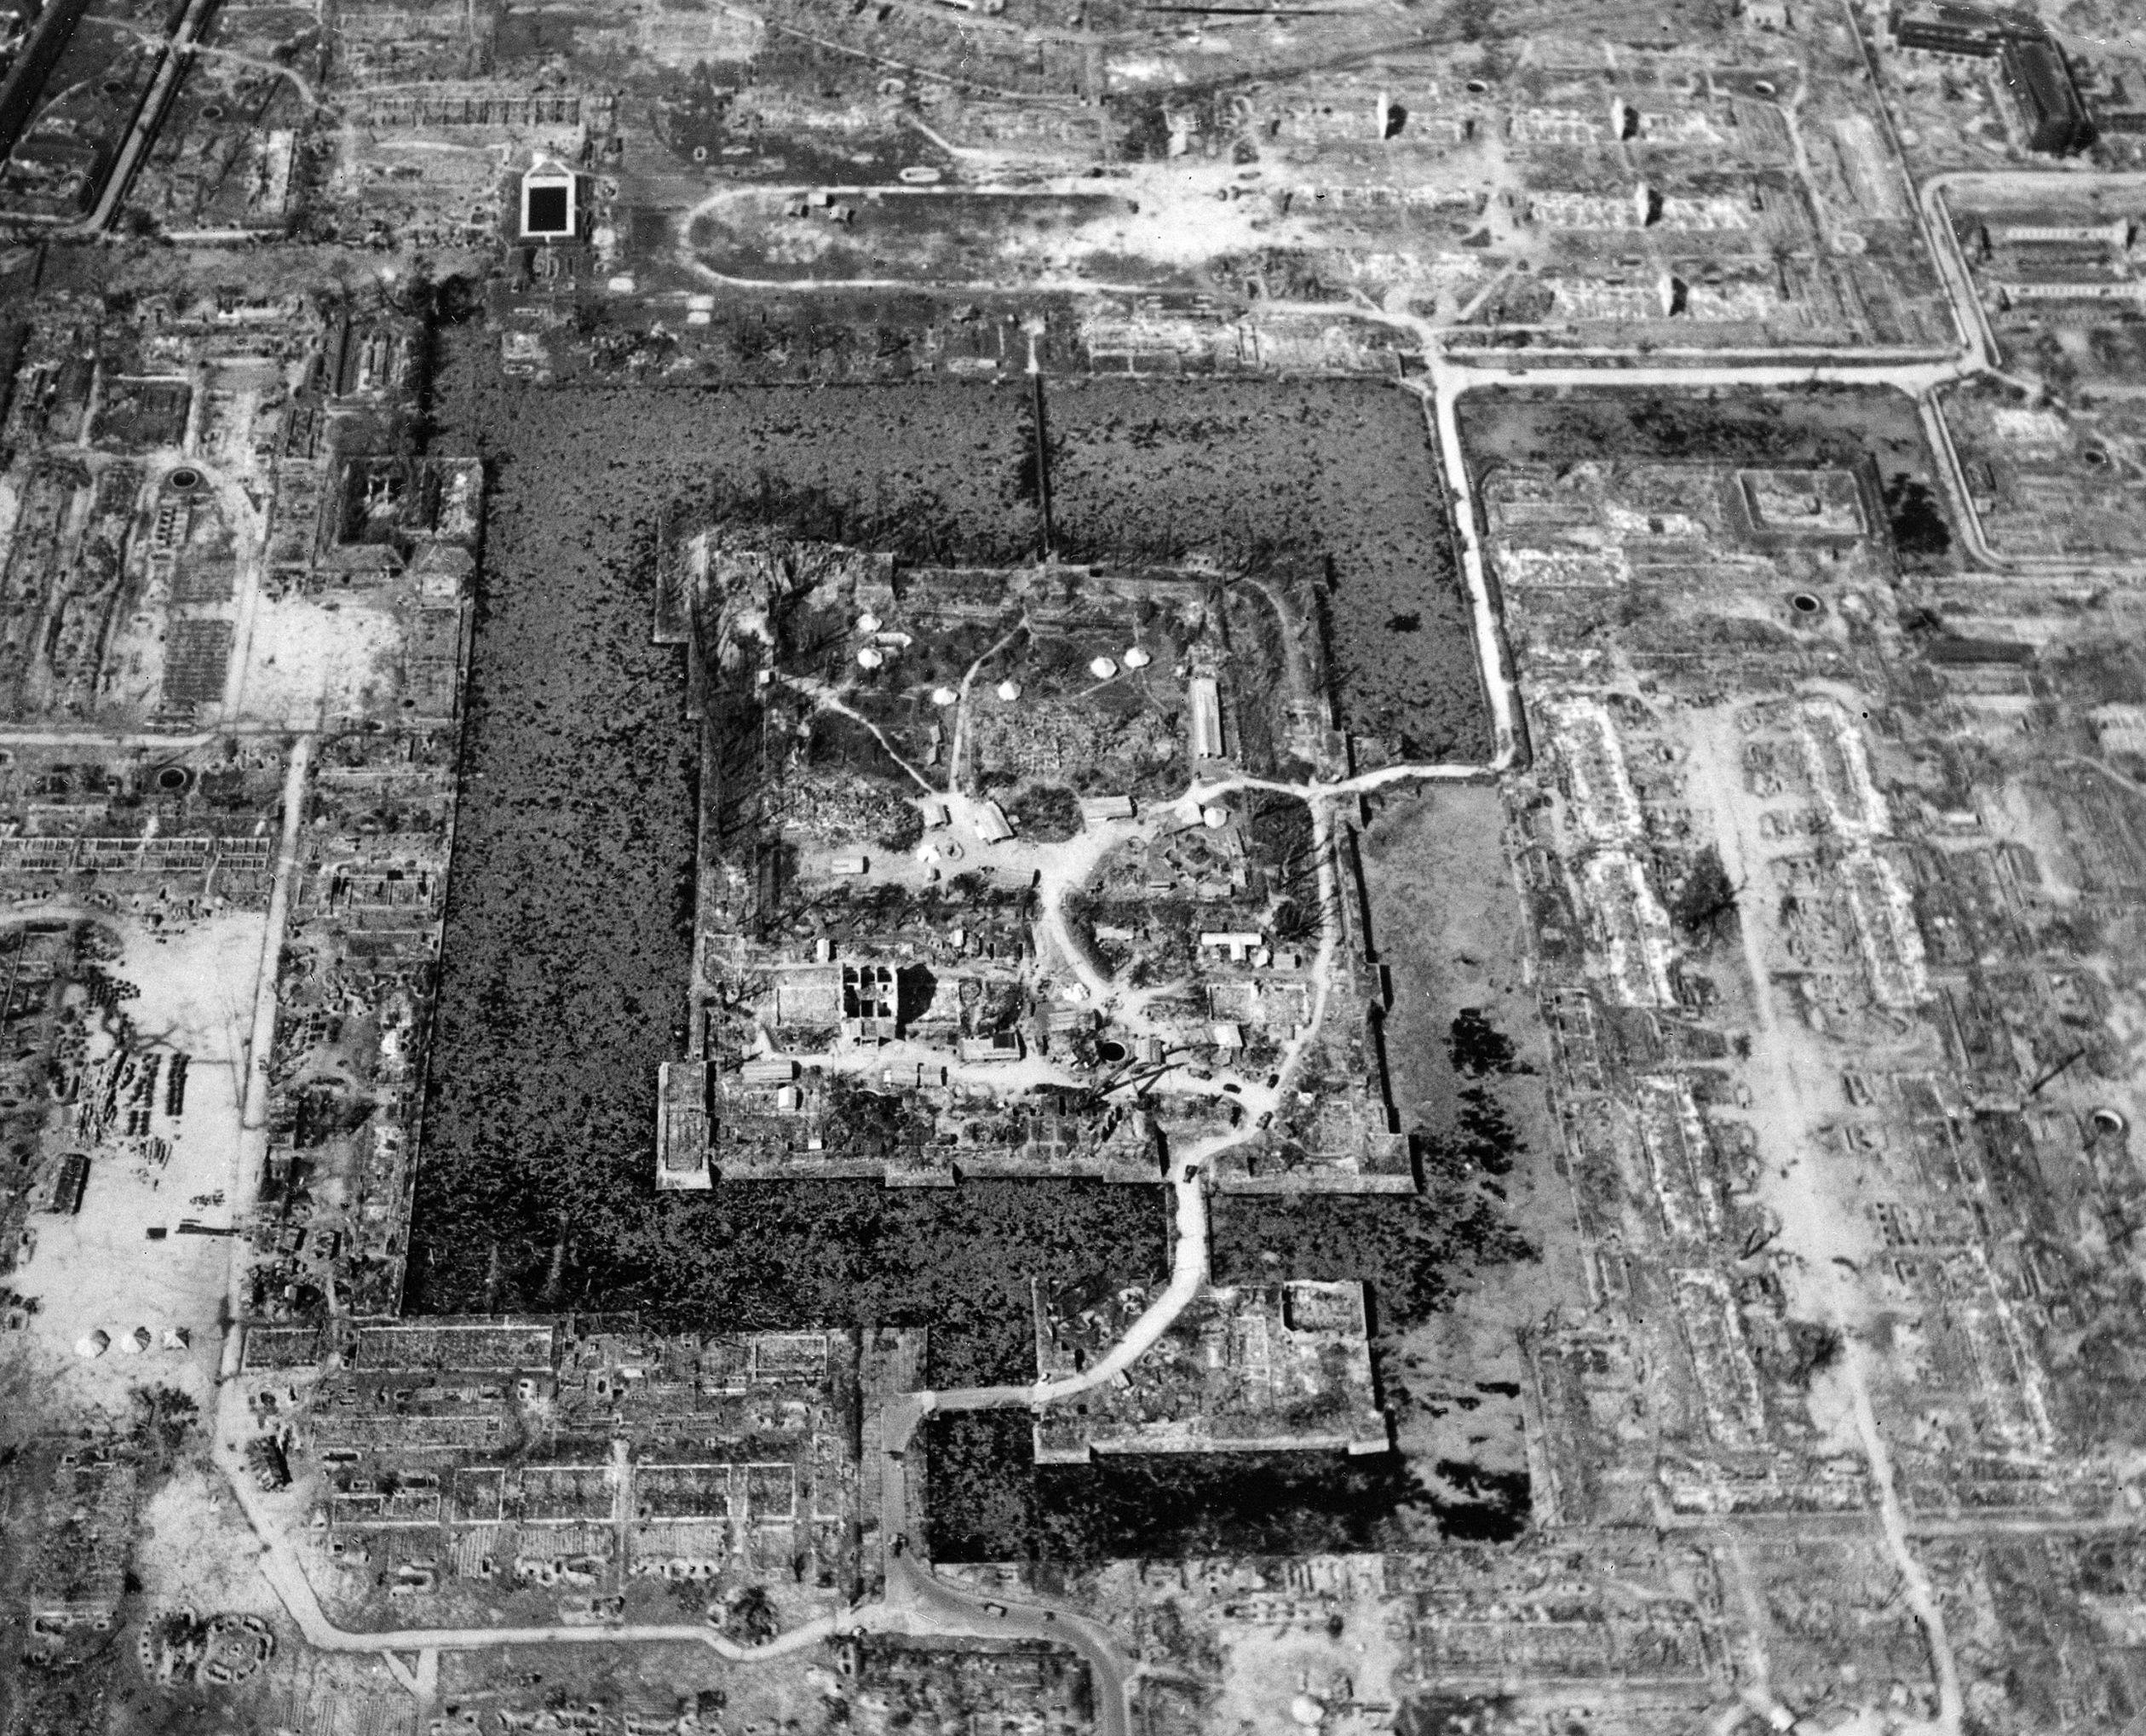 Vista aérea de Hiroshima após norte-americanos terem lançado uma bomba atômica contra a cidade, em 6 de agosto de 1945